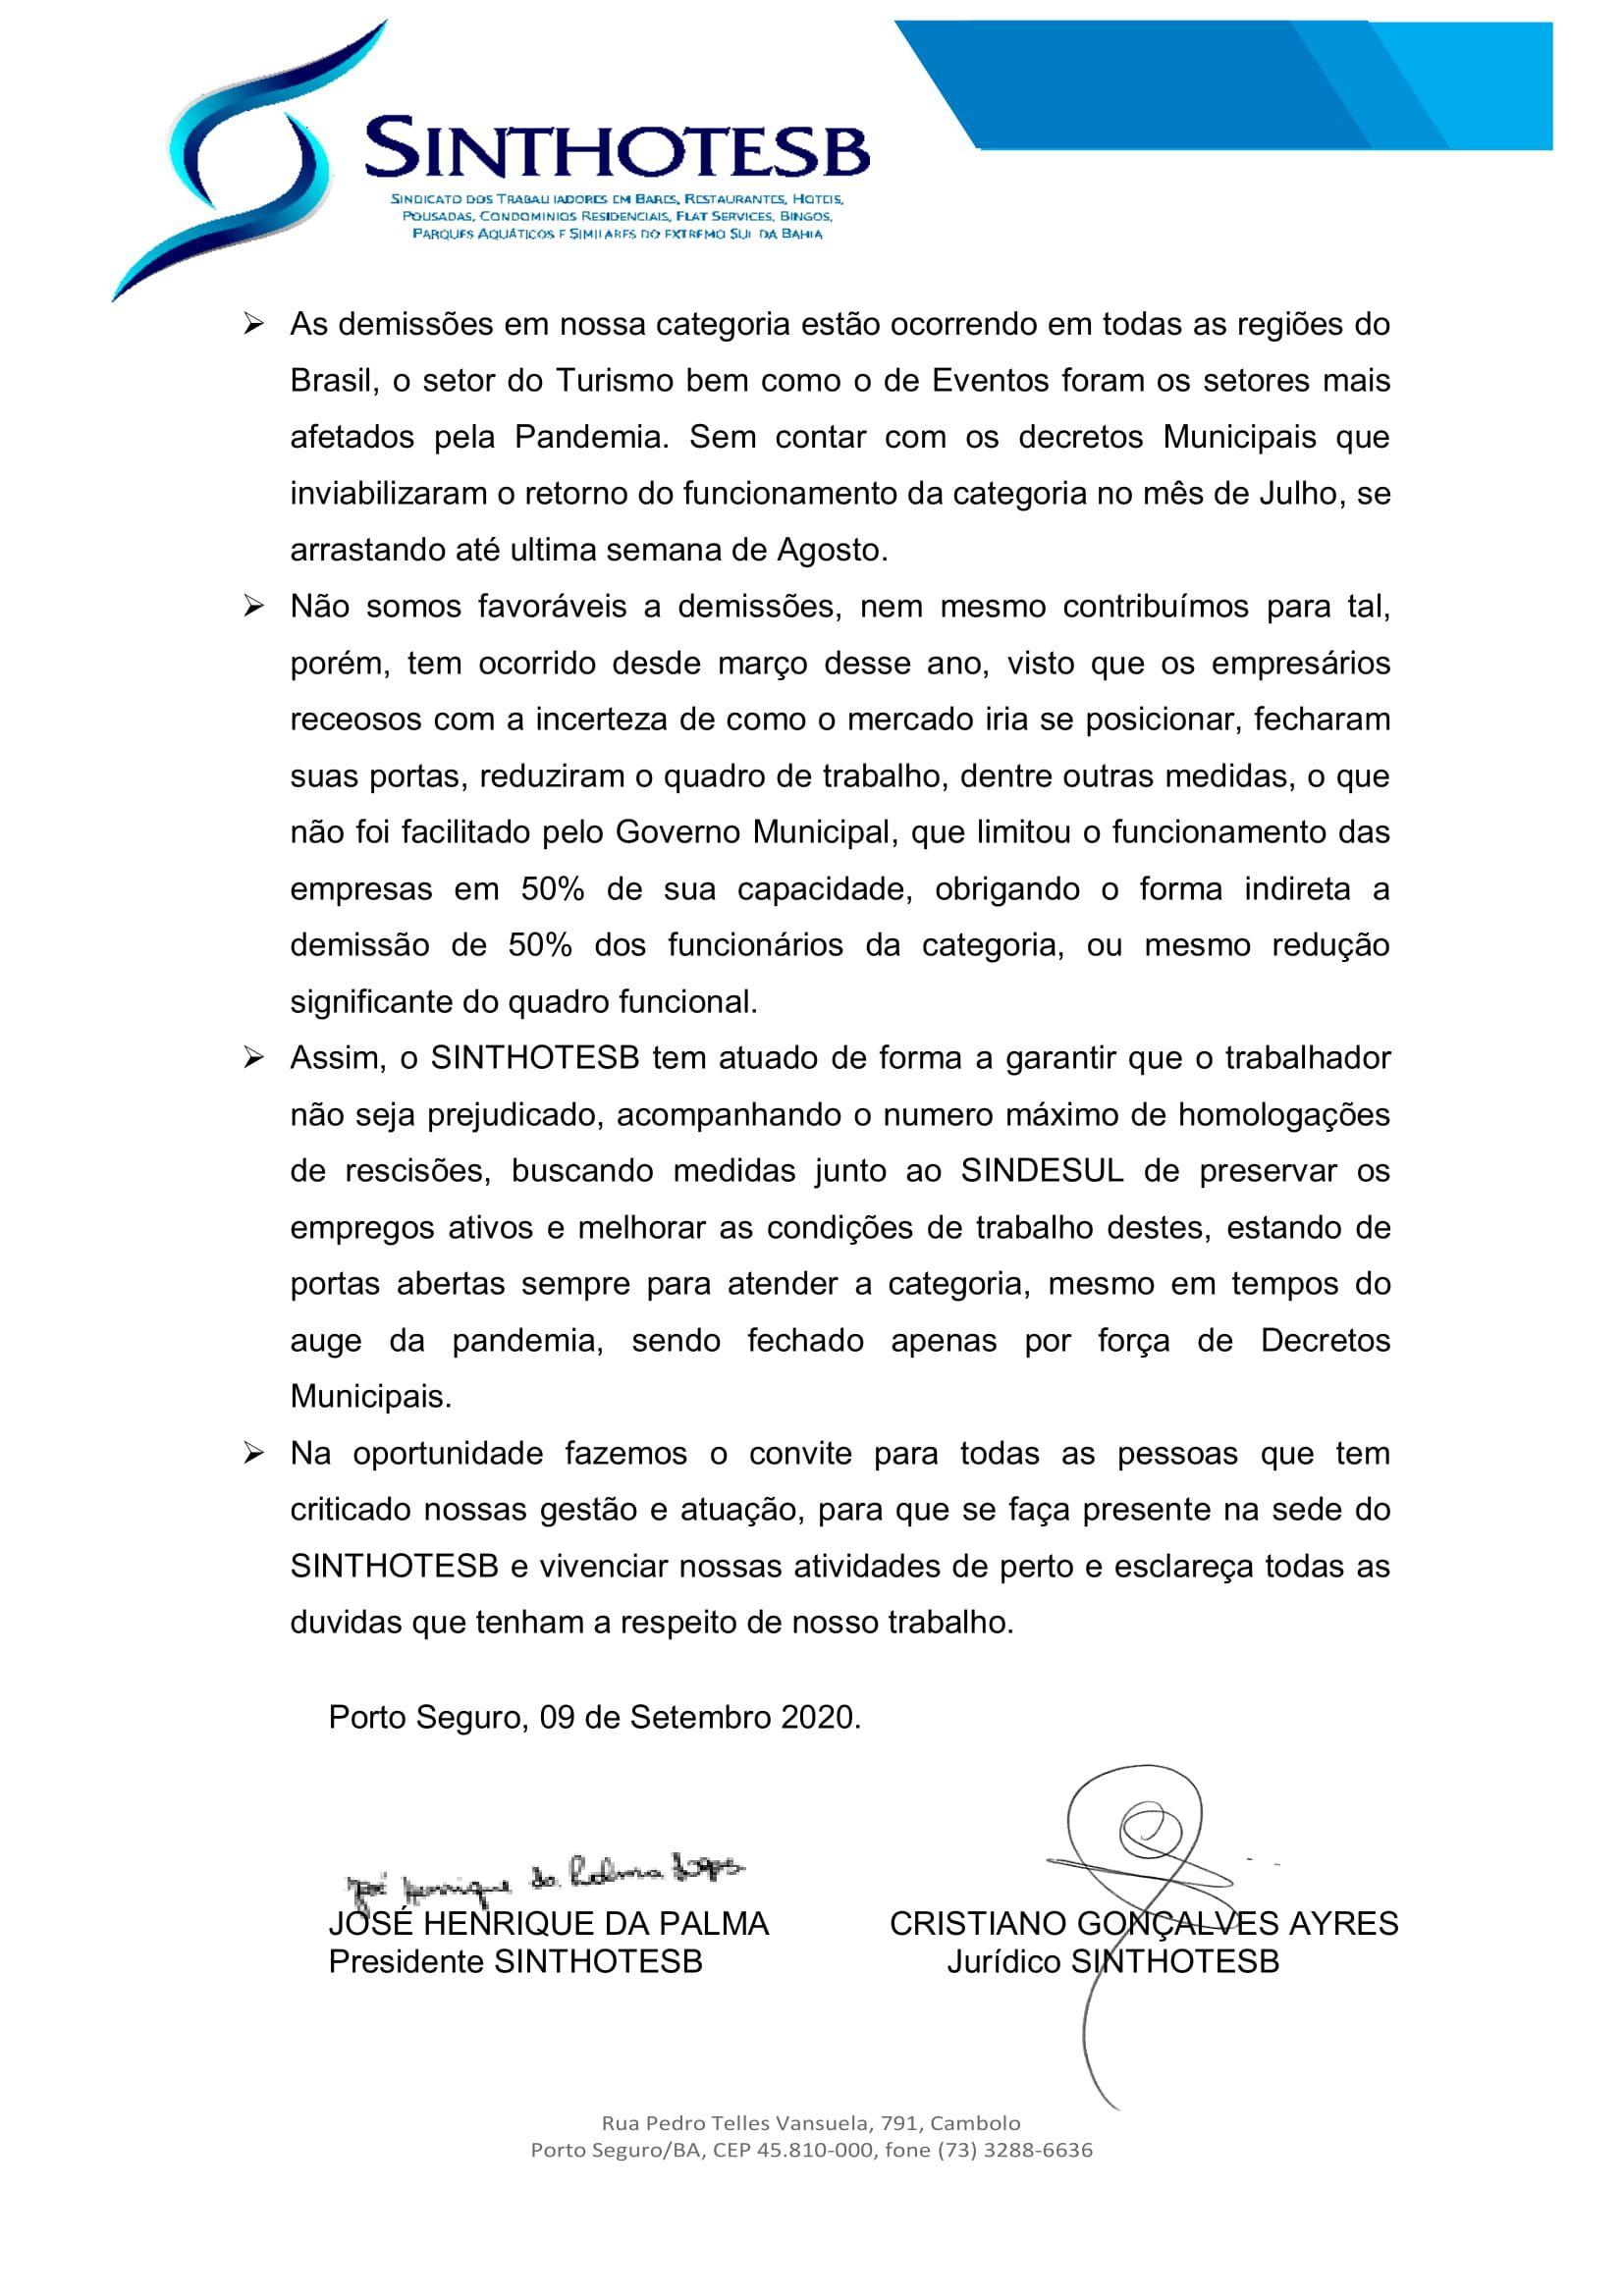 nota_de_esclarecimento_01.2020_(2)-2_(1)